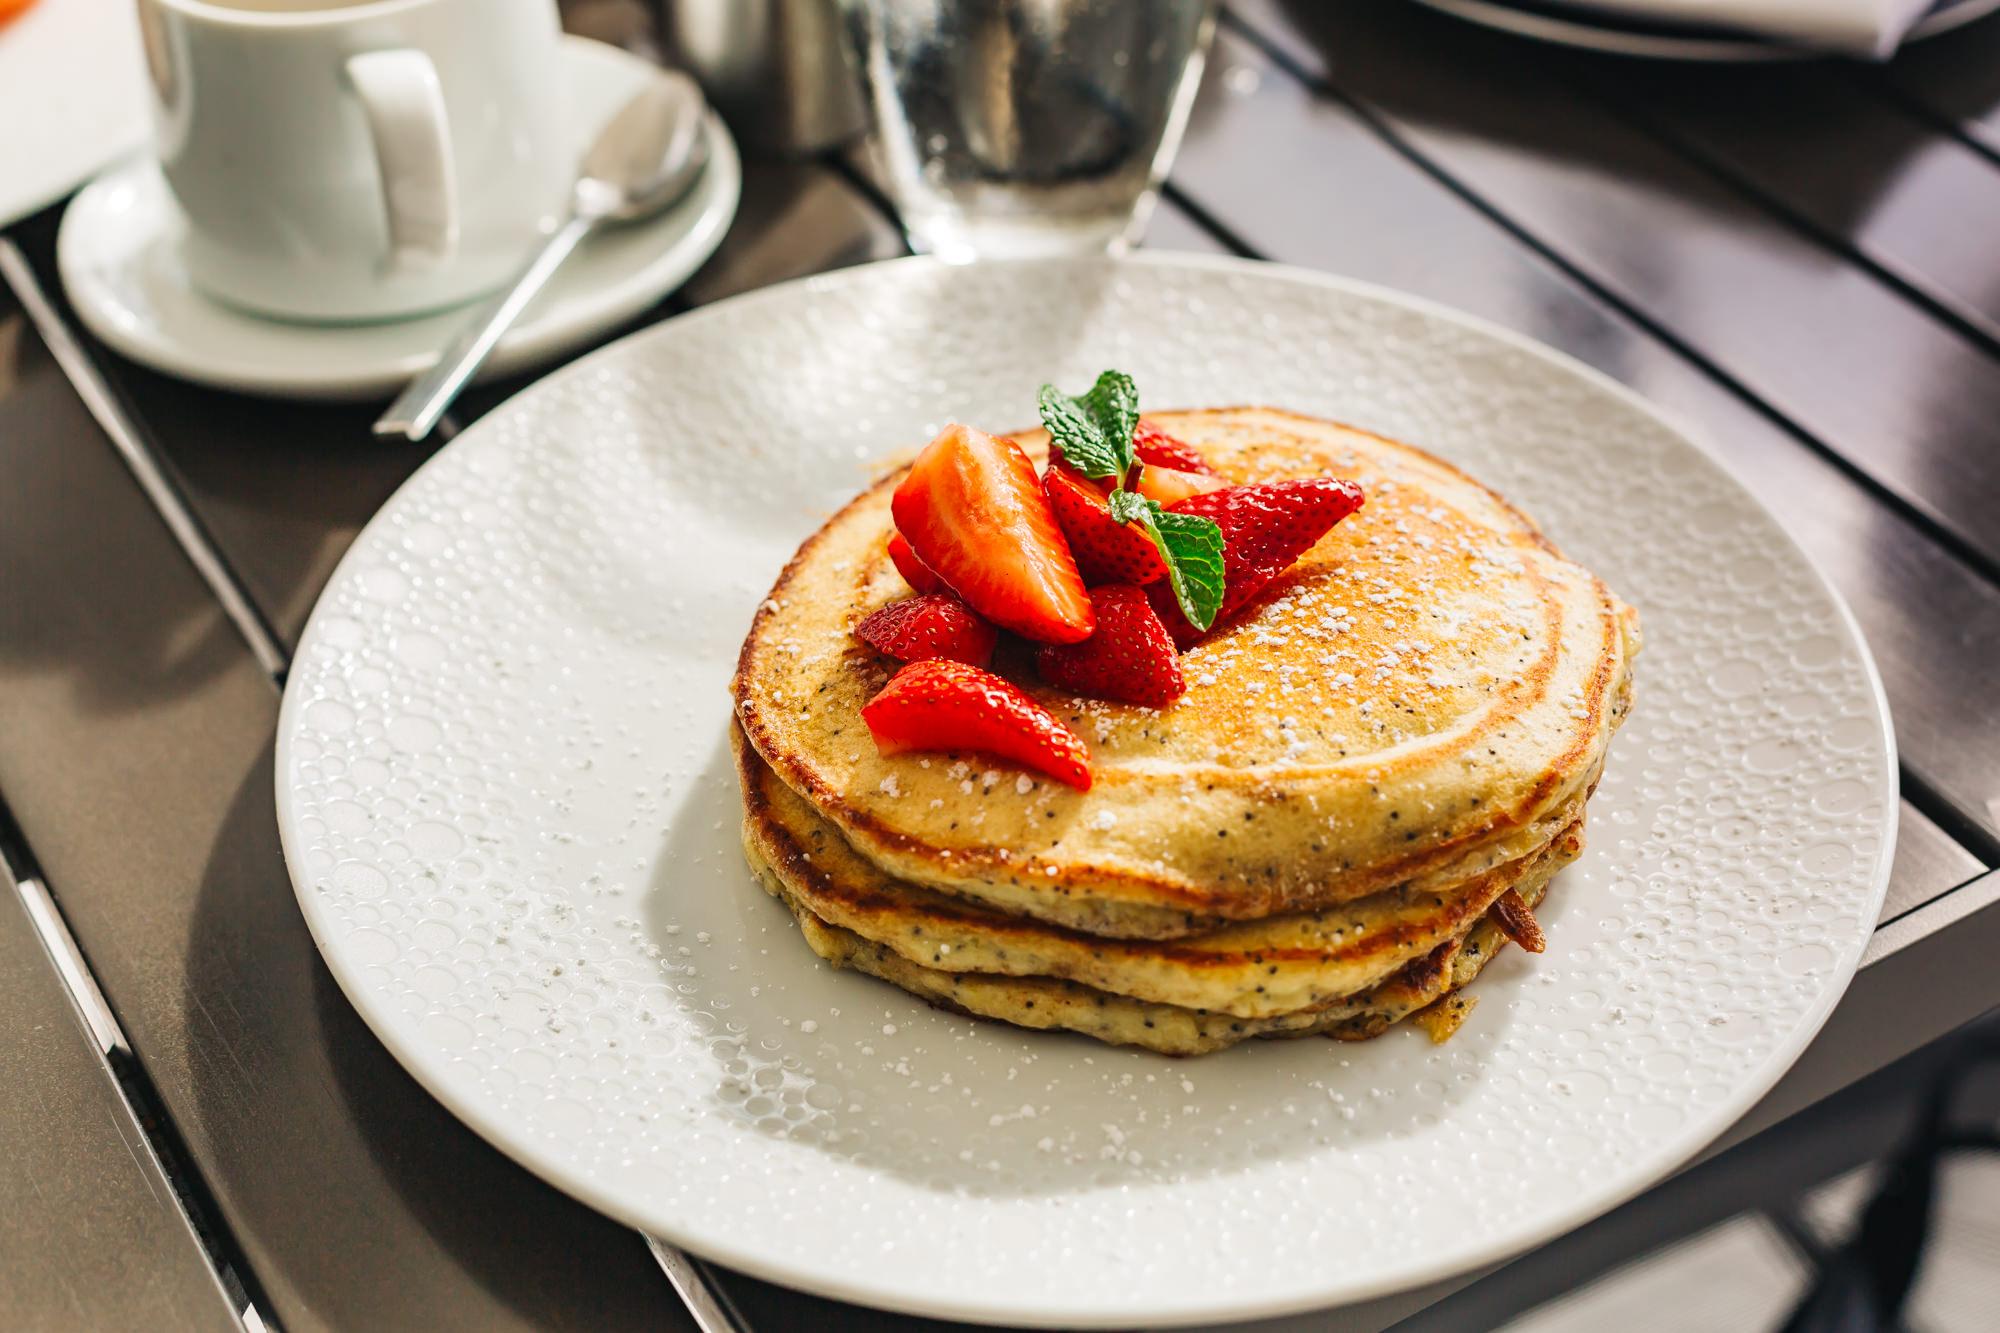 The amazing Lemon Poppyseed Pancakes